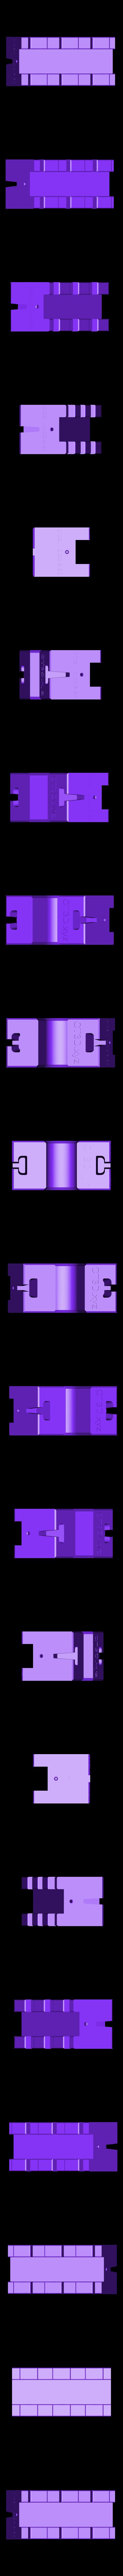 Wall_Gate_Modular_Castle_Playset_-_3D-printable_By_CreativeTools.se.stl Télécharger fichier STL gratuit Plateau modulaire de château (imprimable en 3D) • Modèle à imprimer en 3D, CreativeTools